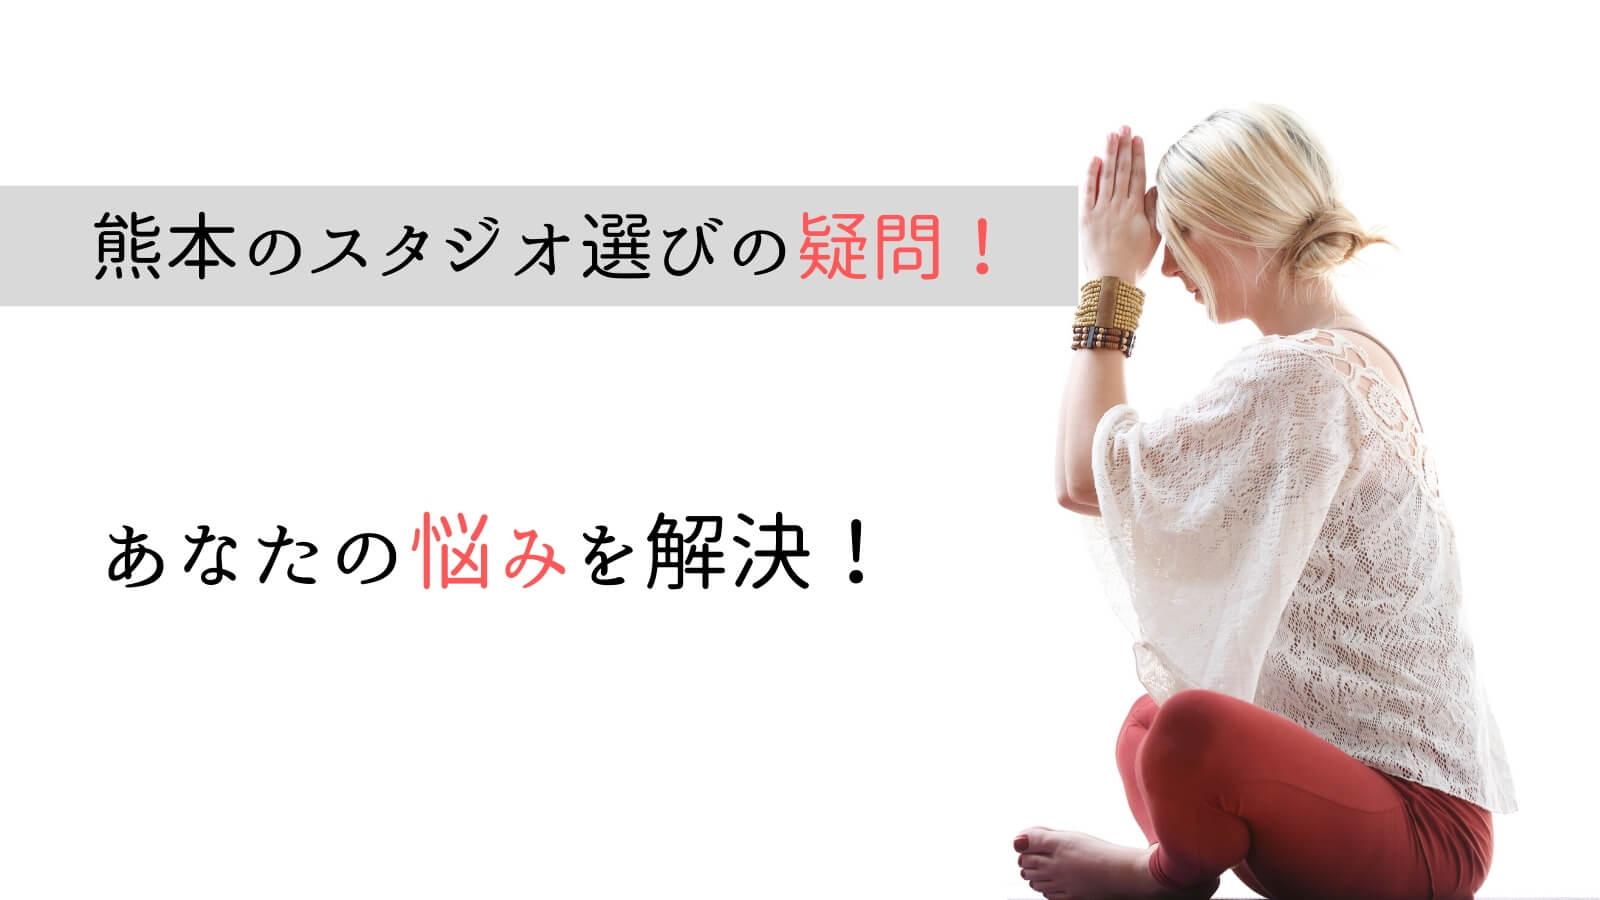 熊本でのピラティススタジオ選びに関するQ&A